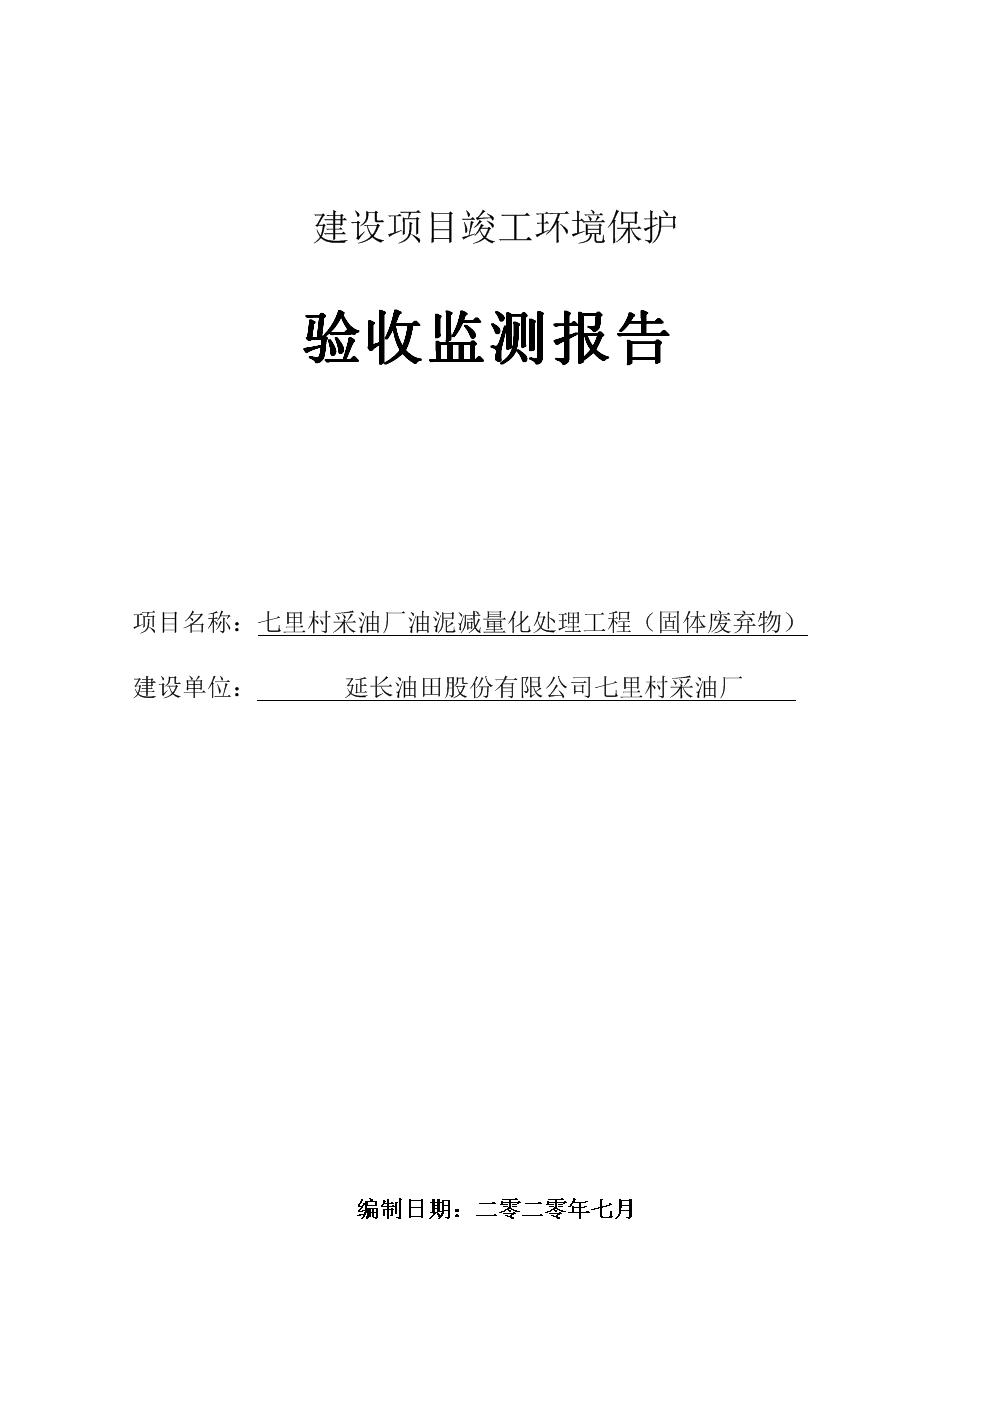 七里村油泥减量化处理工程固体废物.docx